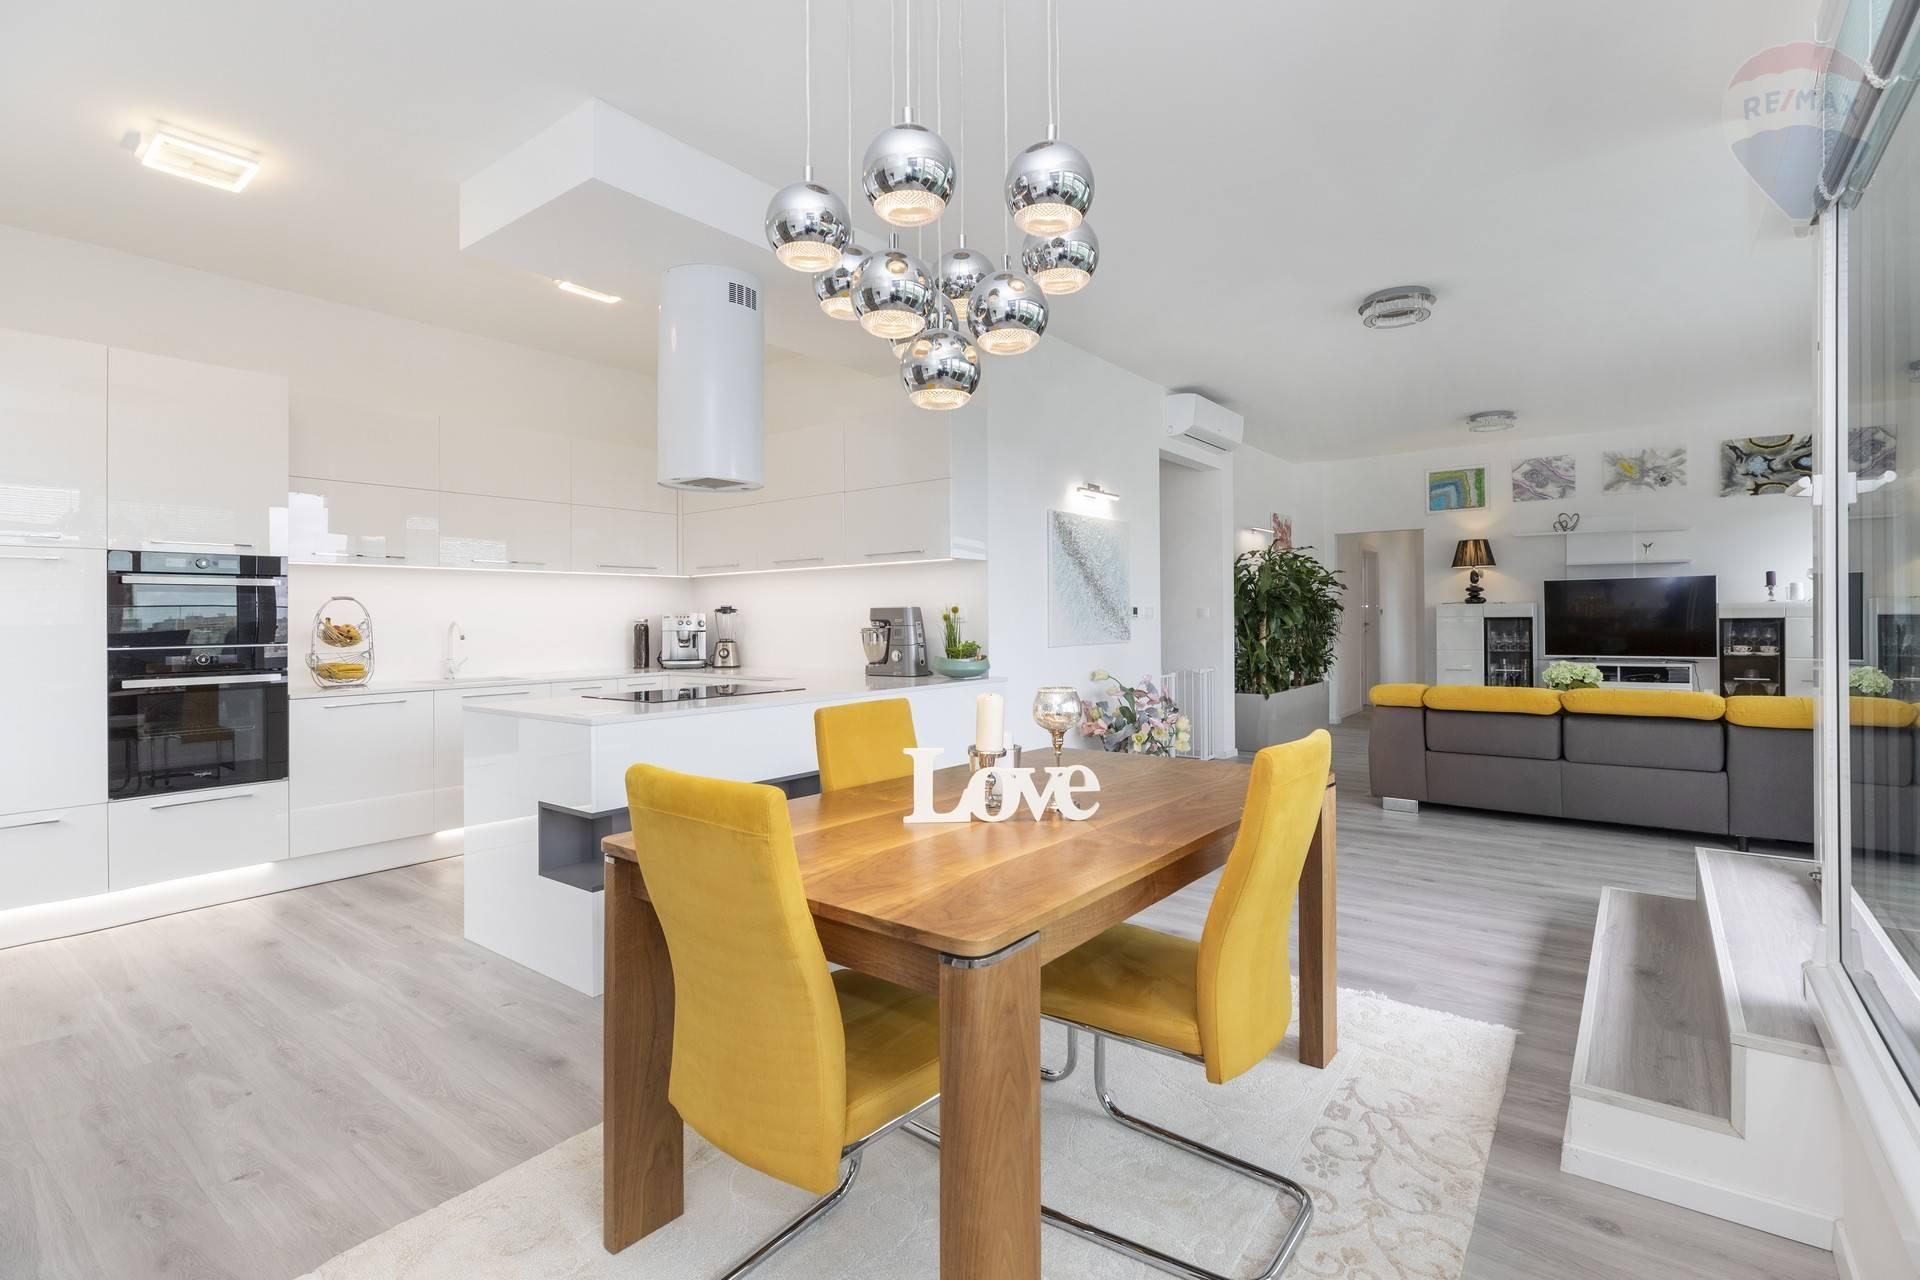 5 - izbový byt v projekte Pekná vyhliadka v Dúbravke